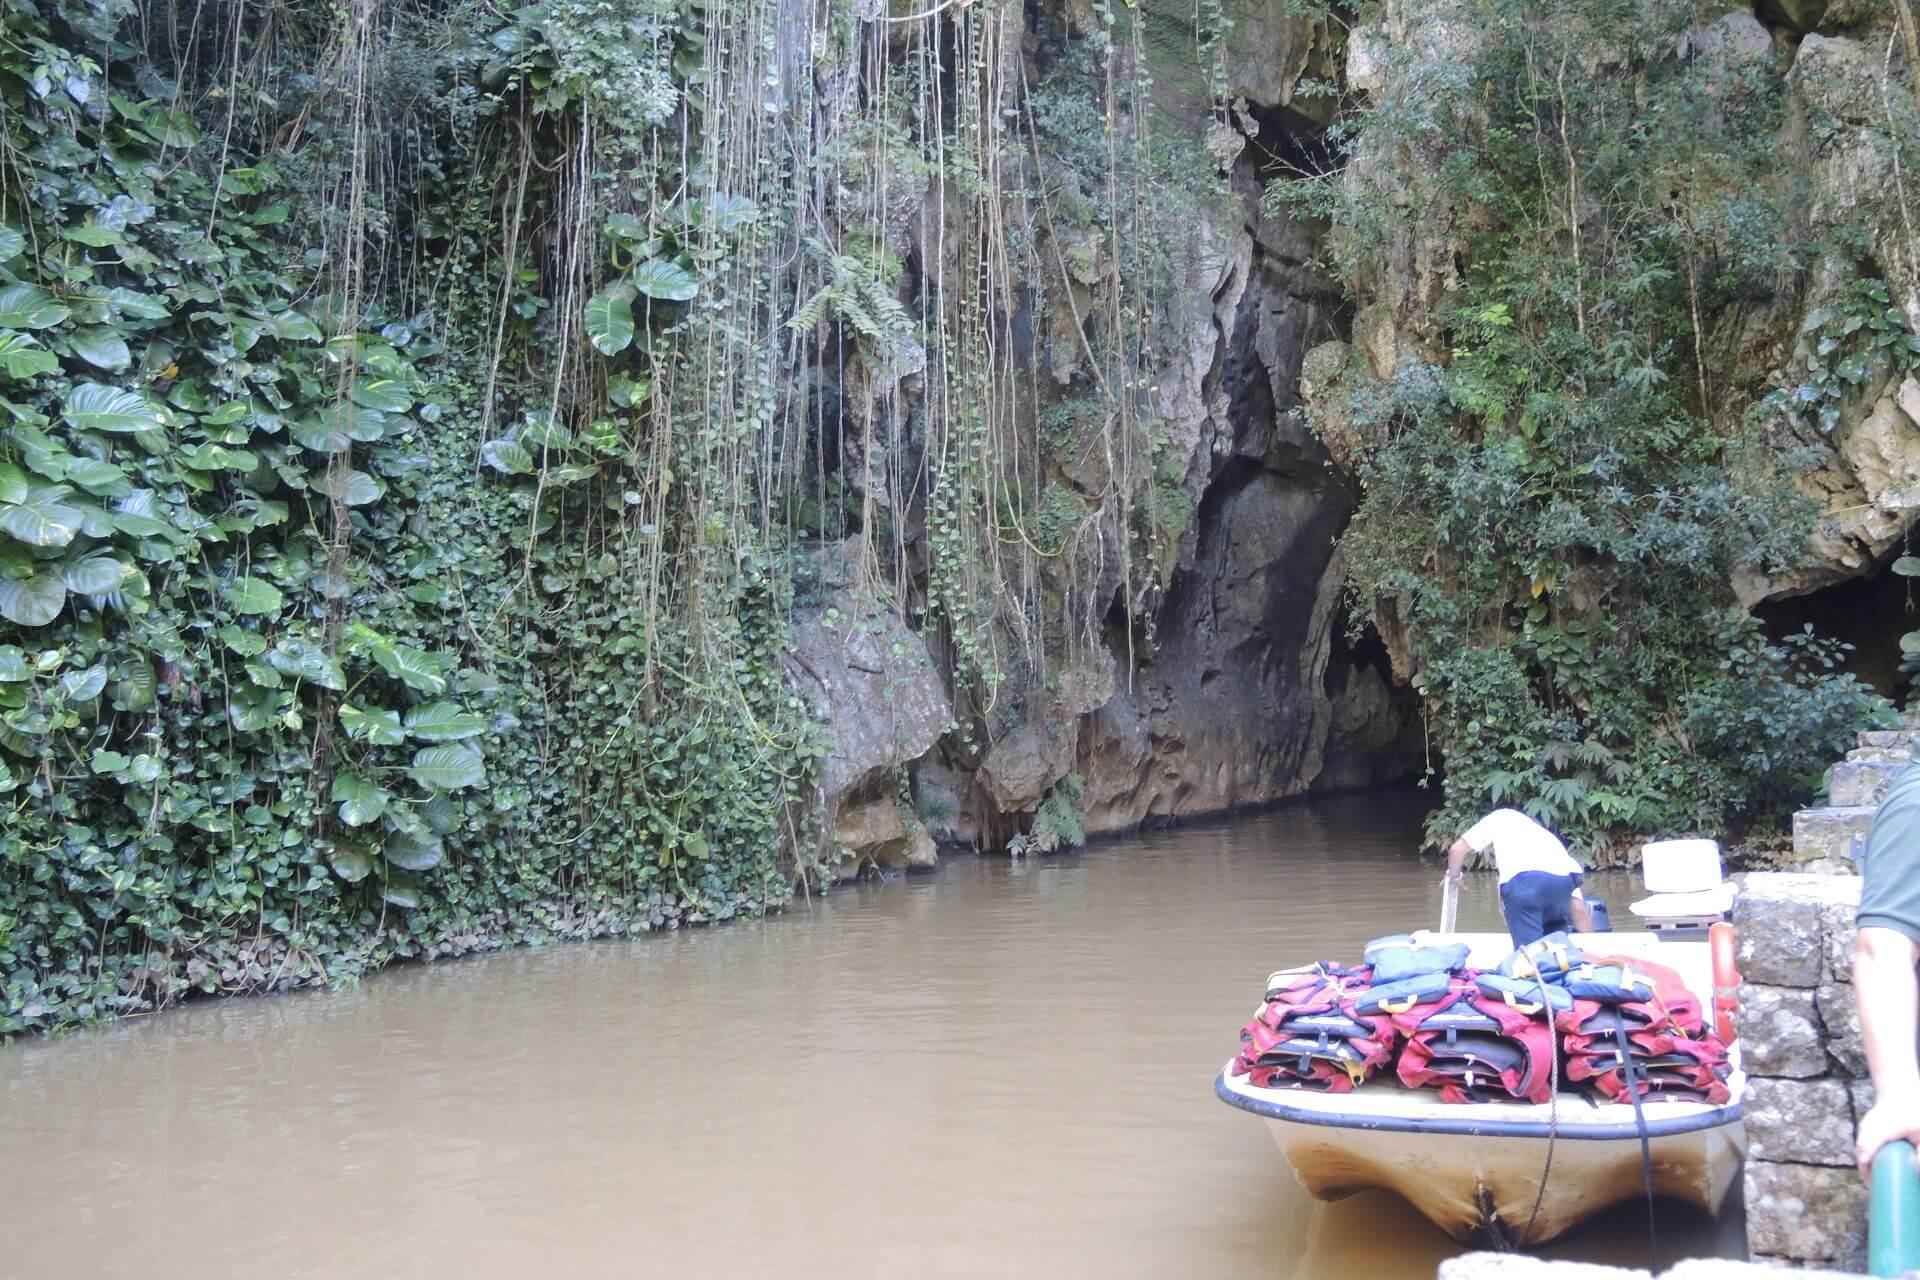 Kuba-Sehenswürdigkeiten - Höhle Cuieva del Indio